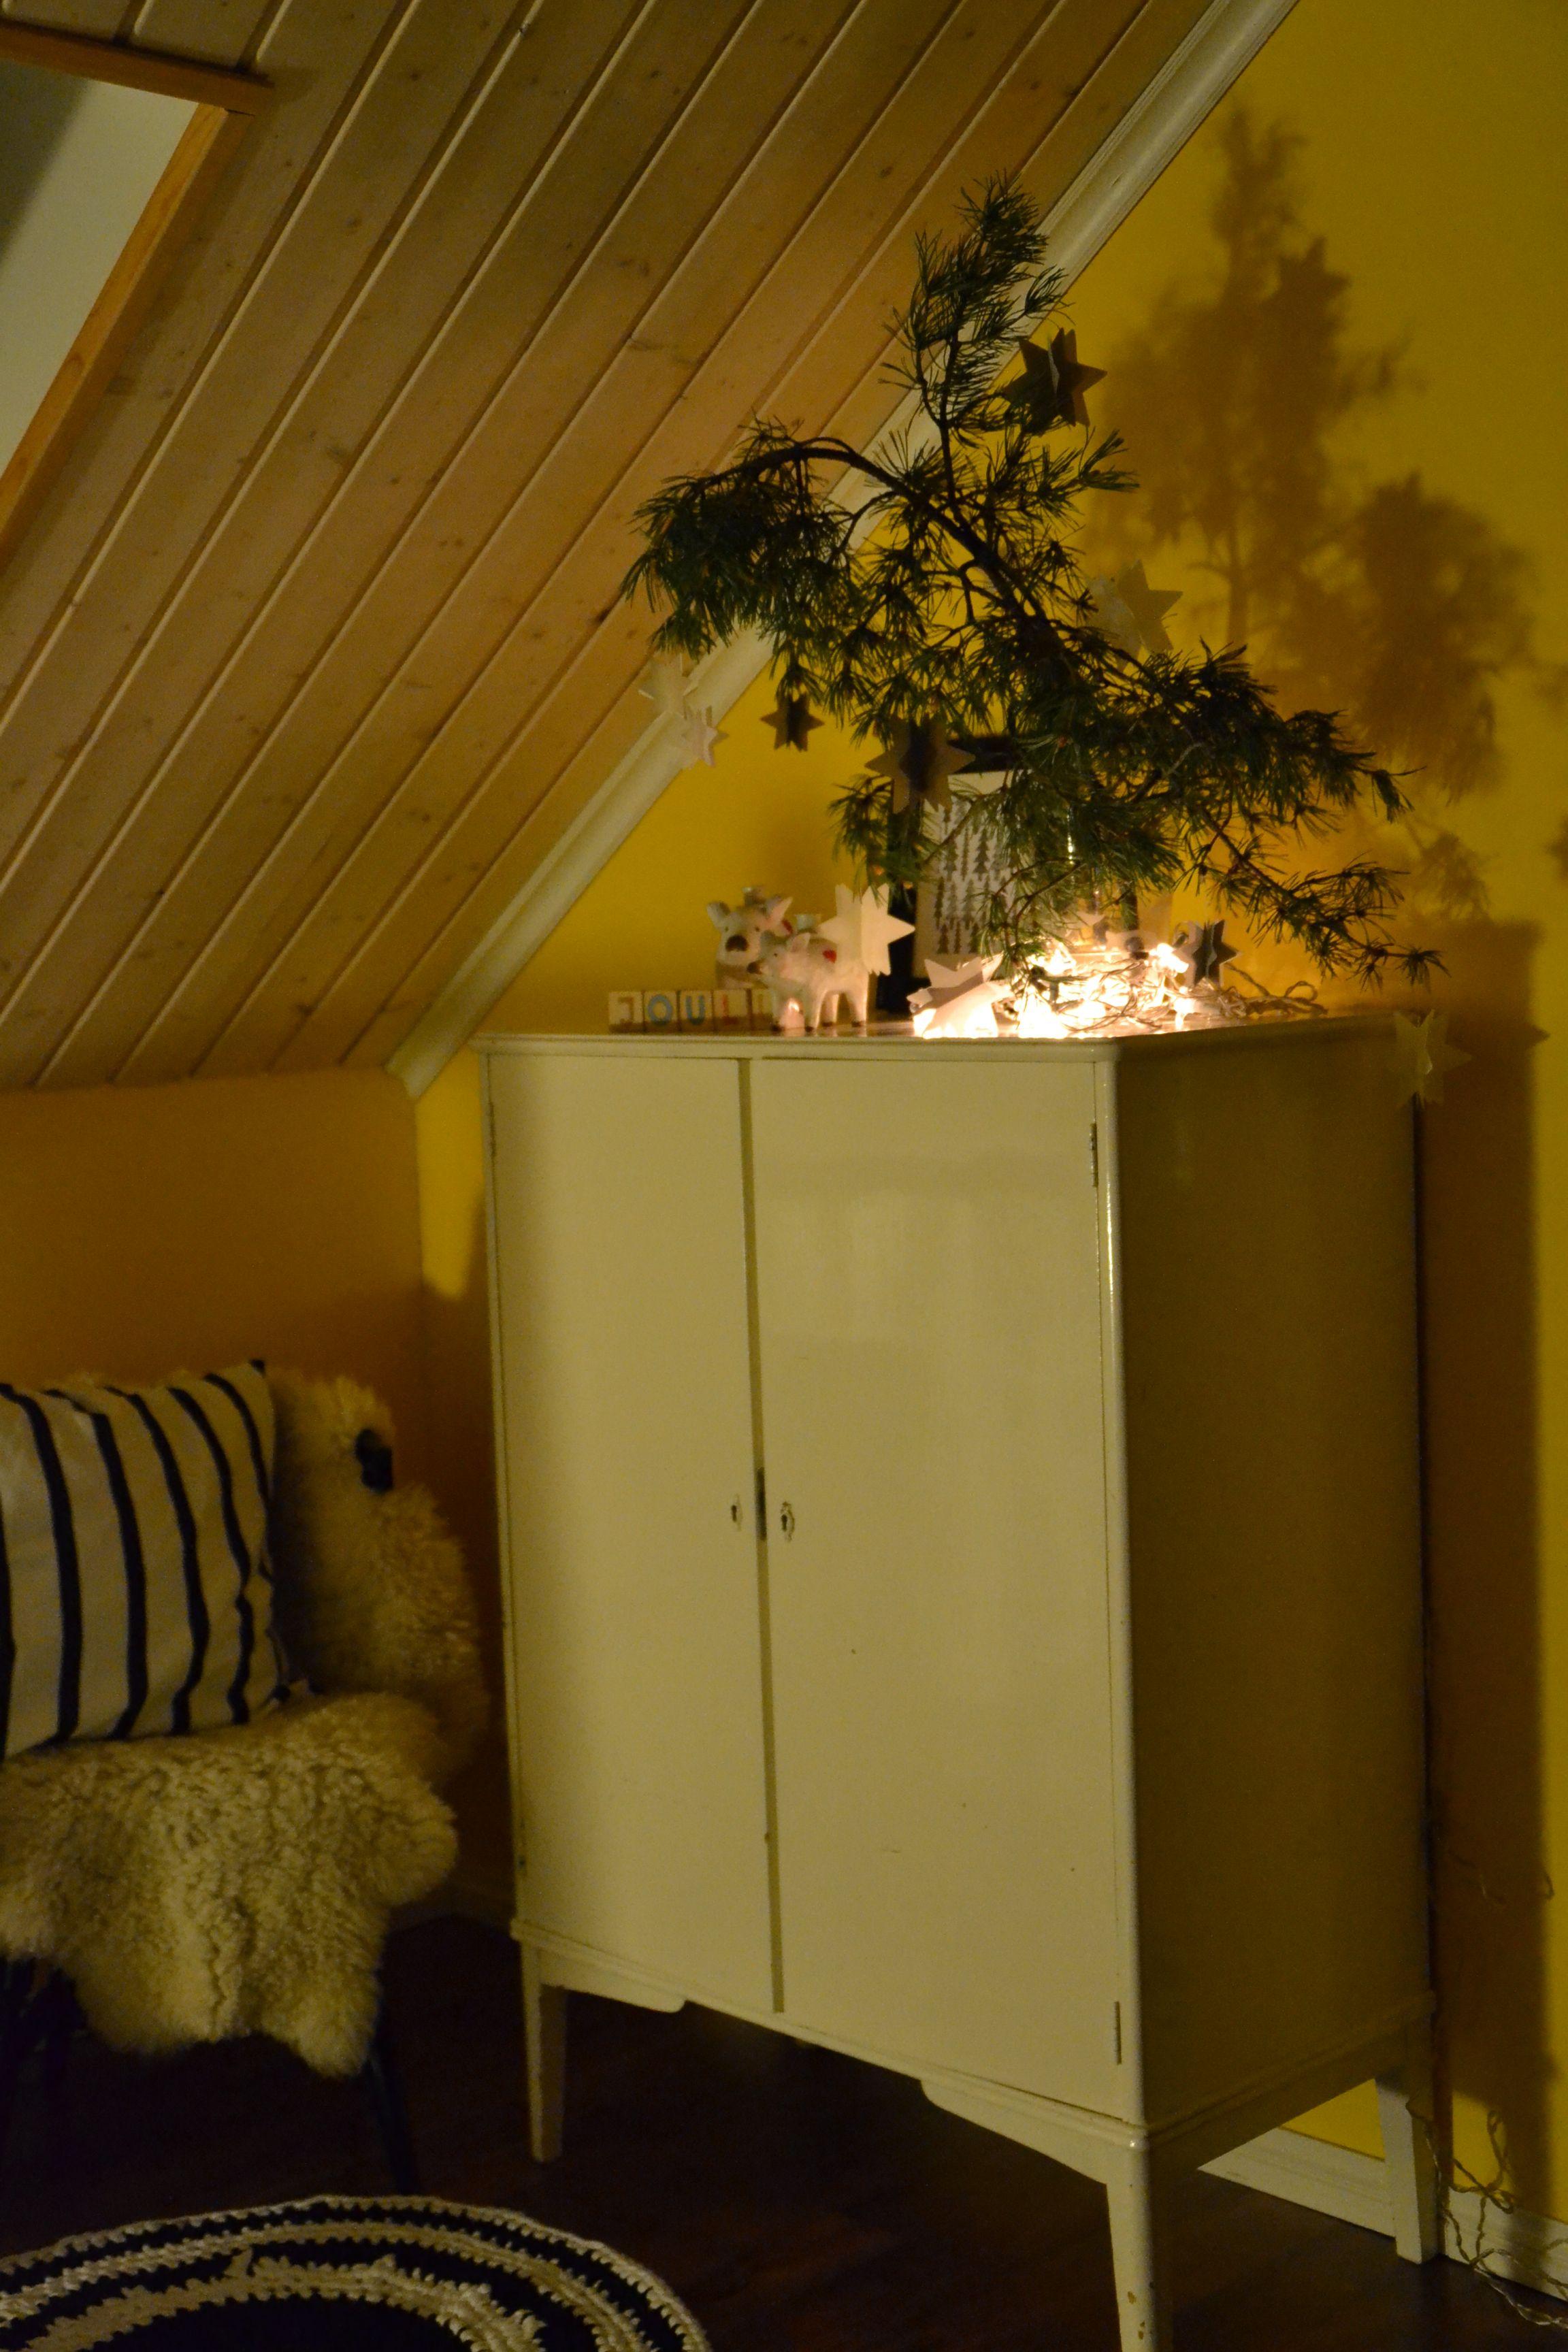 jouluvaloja ja tunnelmaa yläkerrassa